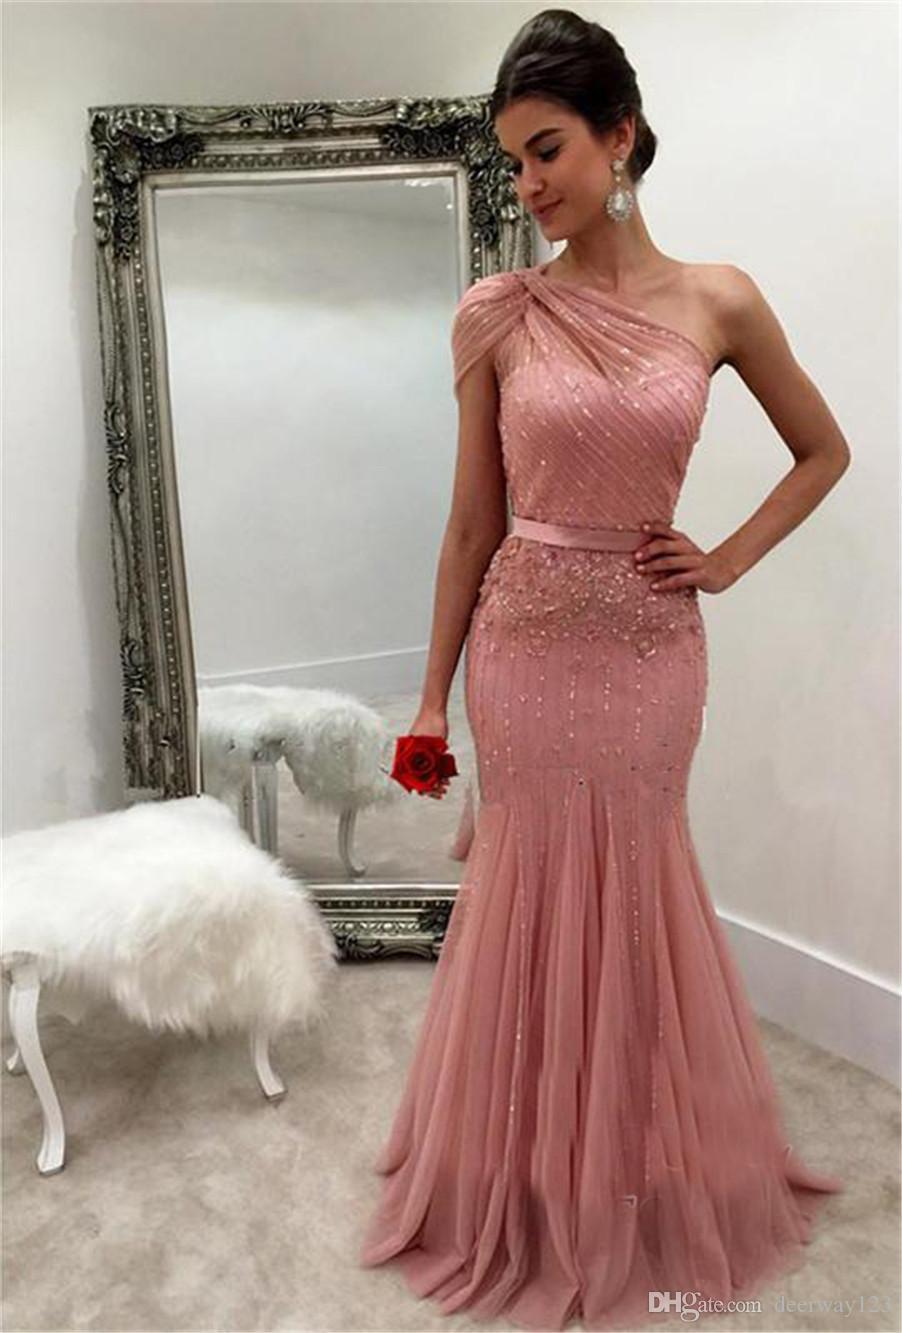 10 Schön Abend Kleid Mit Spitze Bester Preis17 Luxus Abend Kleid Mit Spitze Bester Preis